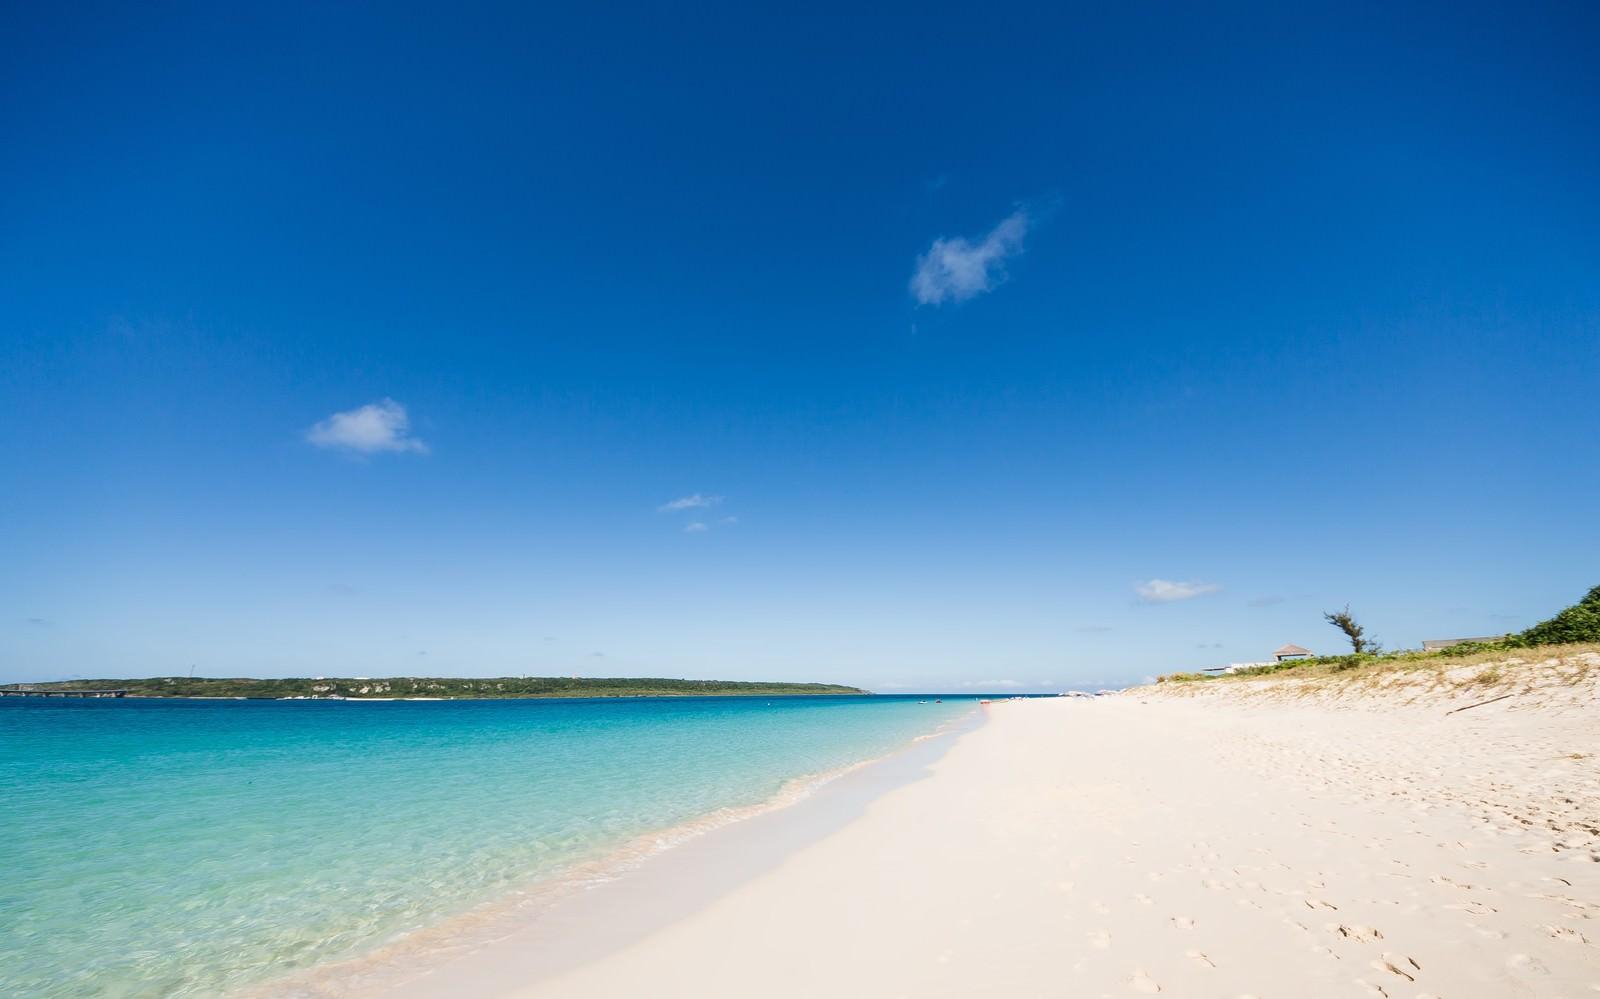 「白い砂浜とエメラルドグリーンの海白い砂浜とエメラルドグリーンの海」のフリー写真素材を拡大